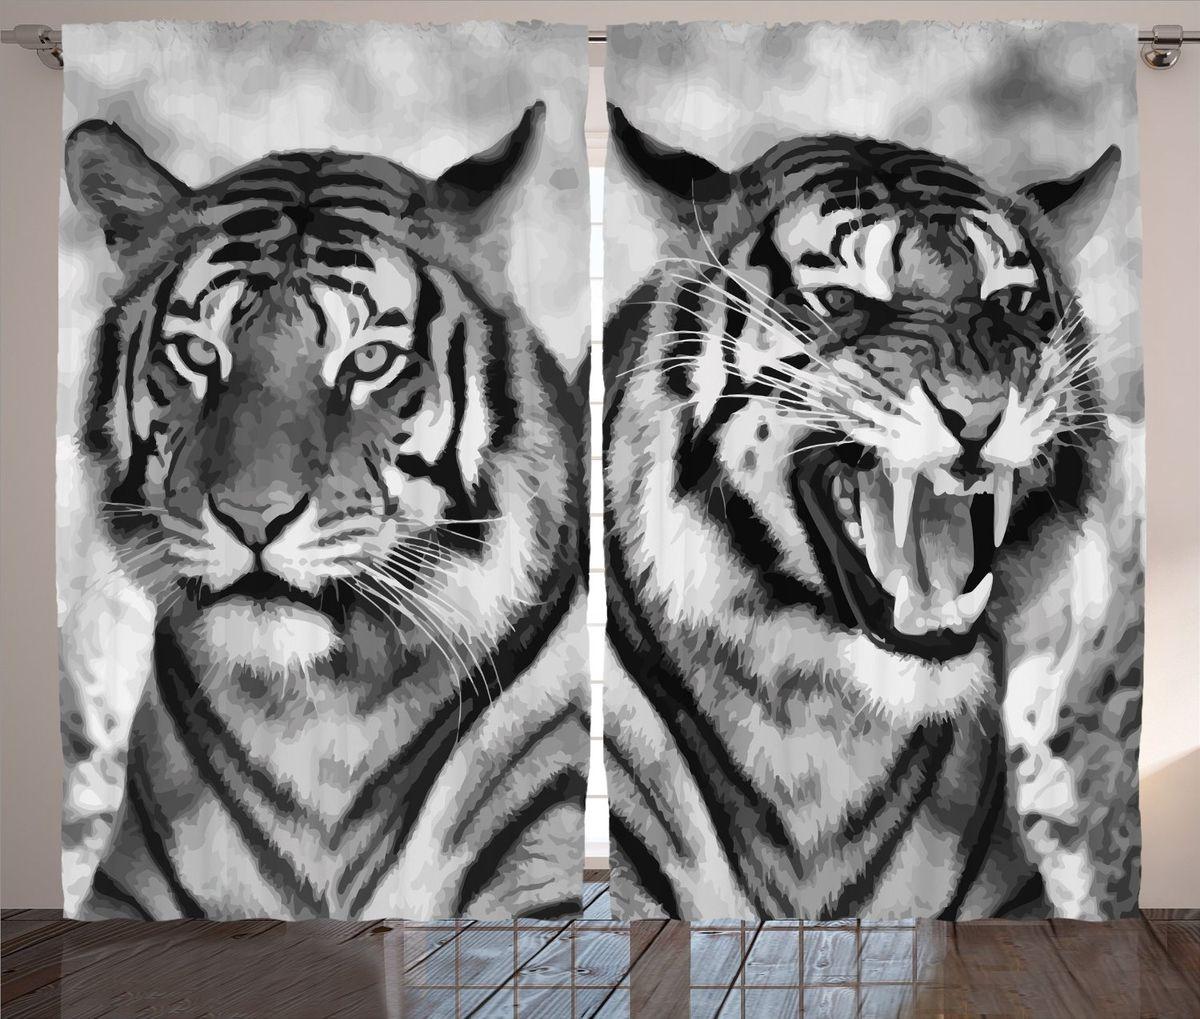 Комплект фотоштор Magic Lady Черно-белые тигры, на ленте, высота 265 см. шсг_12727шсг_12727Компания Сэмболь изготавливает шторы из высококачественного сатена (полиэстер 100%). При изготовлении используются специальные гипоаллергенные чернила для прямой печати по ткани, безопасные для человека и животных. Экологичность продукции Magic lady и безопасность для окружающей среды подтверждены сертификатом Oeko-Tex Standard 100. Крепление: крючки для крепления на шторной ленте (50 шт). Возможно крепление на трубу. Внимание! При нанесении сублимационной печати на ткань технологическим методом при температуре 240°С, возможно отклонение полученных размеров (указанных на этикетке и сайте) от стандартных на + - 3-5 см. Производитель старается максимально точно передать цвета изделия на фотографиях, однако искажения неизбежны и фактический цвет изделия может отличаться от воспринимаемого по фото. Обратите внимание! Шторы изготовлены из полиэстра сатенового переплетения, а не из сатина (хлопок). Размер одного полотна шторы: 145х265 см. В комплекте 2...